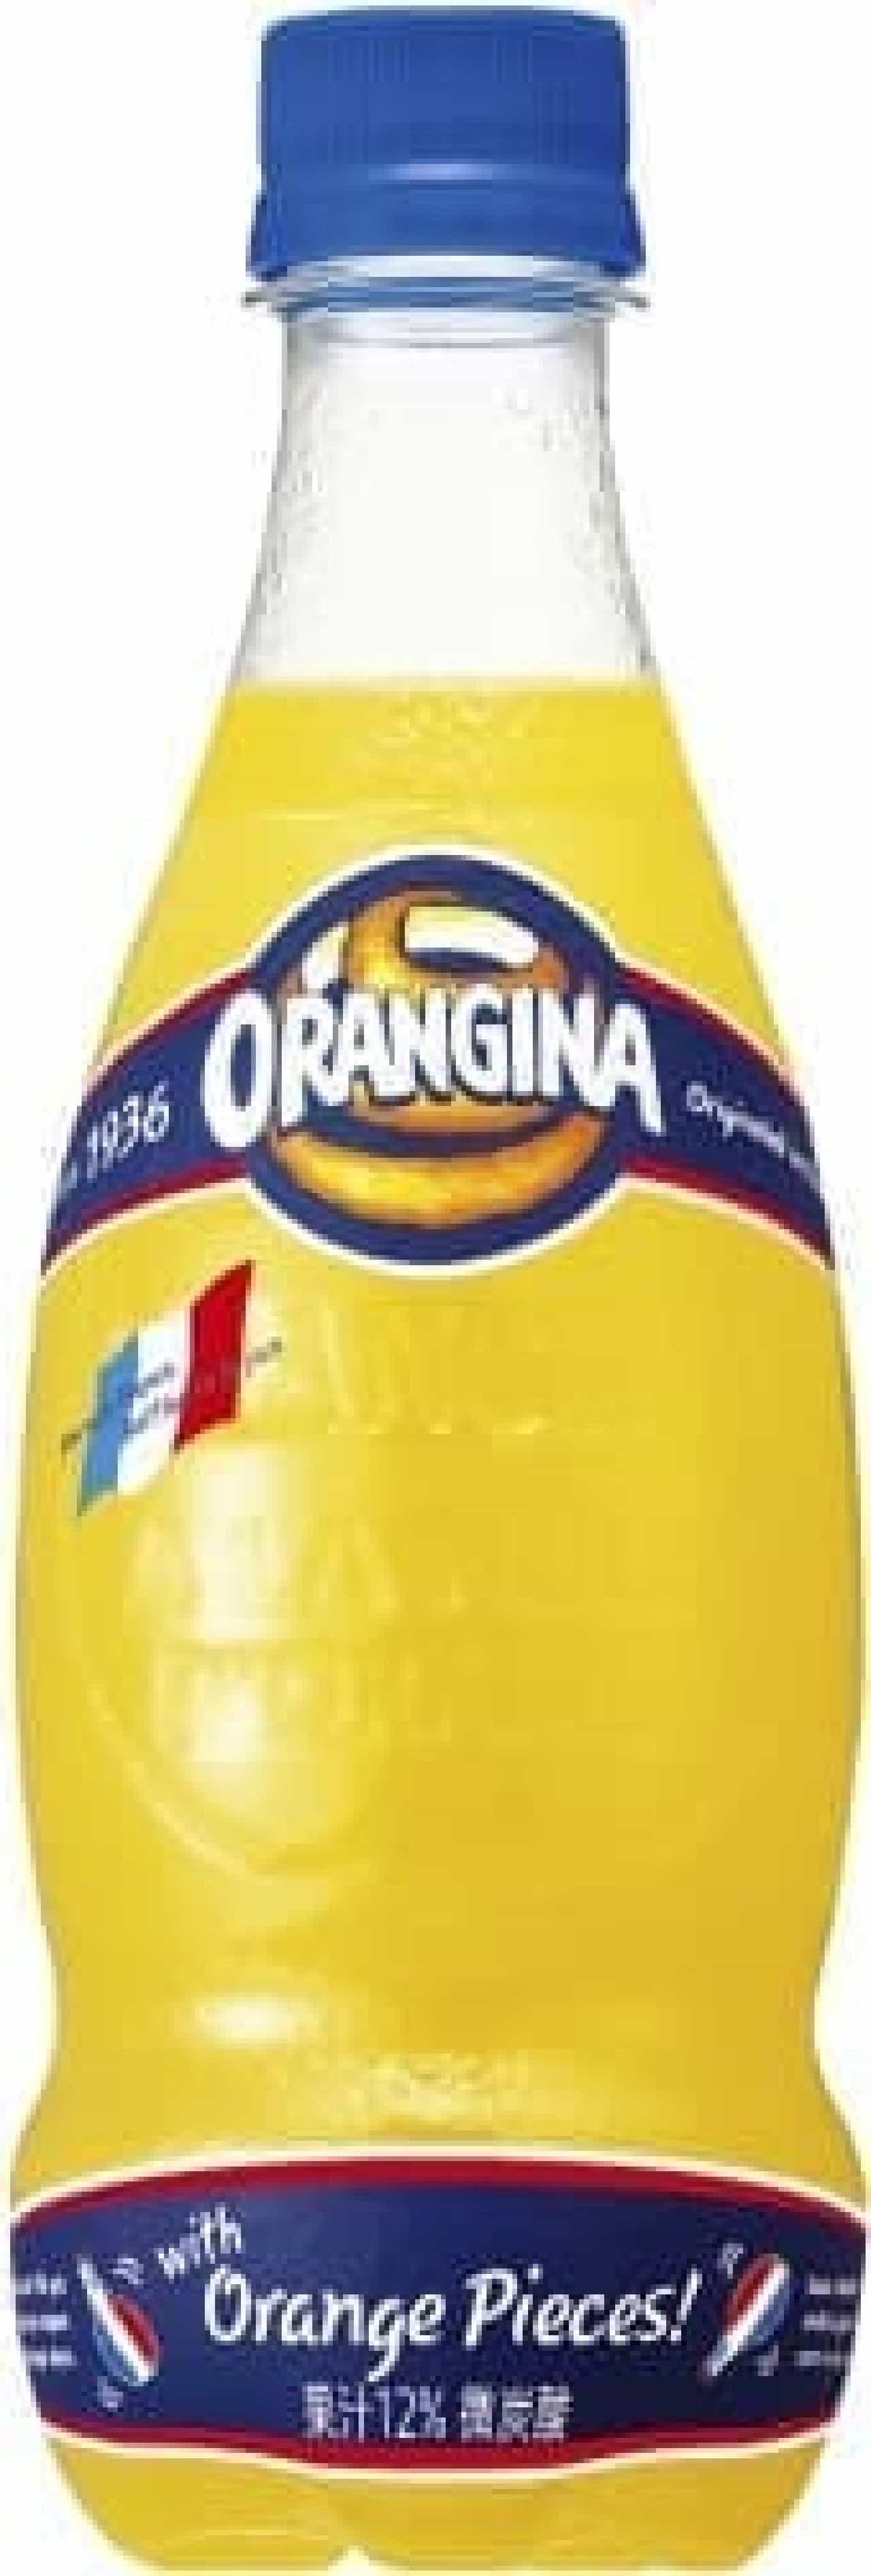 サントリー「オランジーナ」